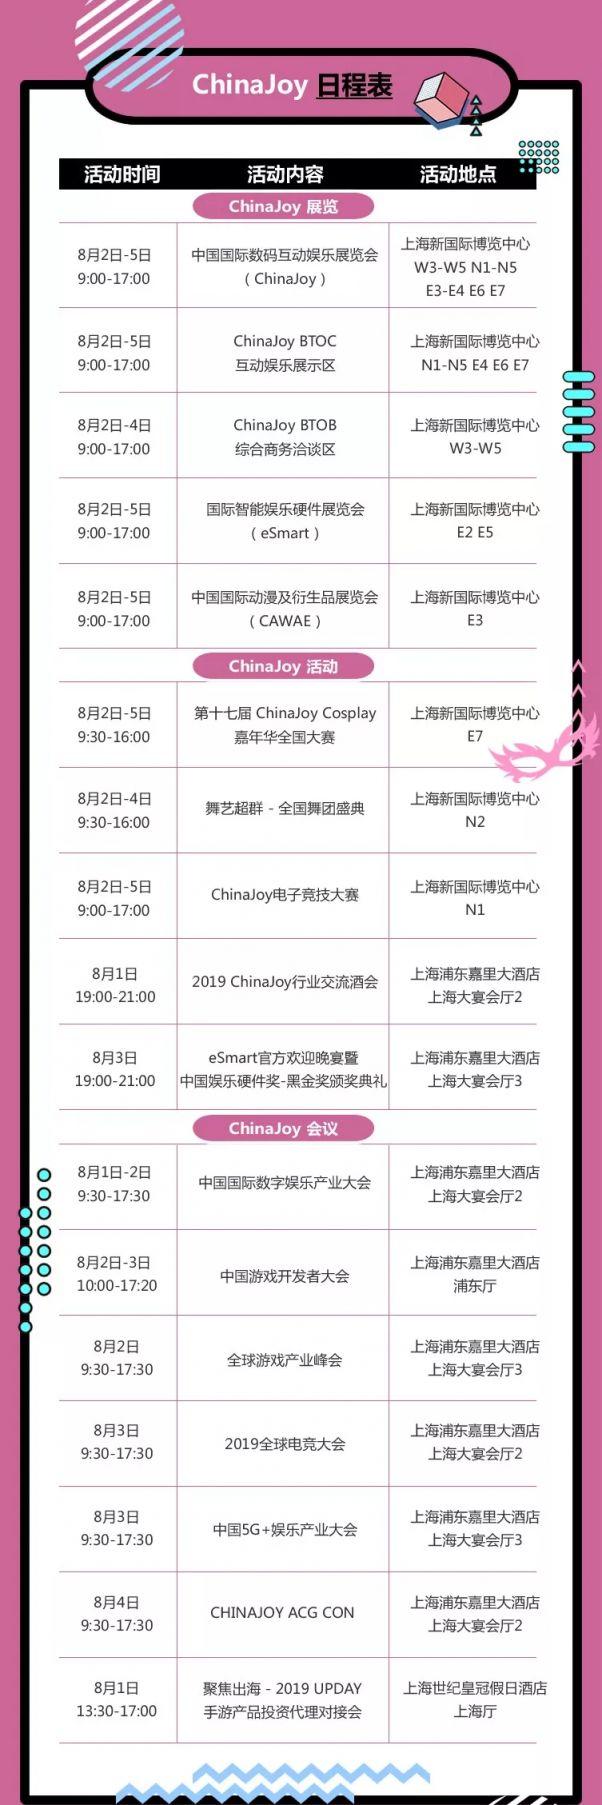 2019上海 chinajoy日程表一览